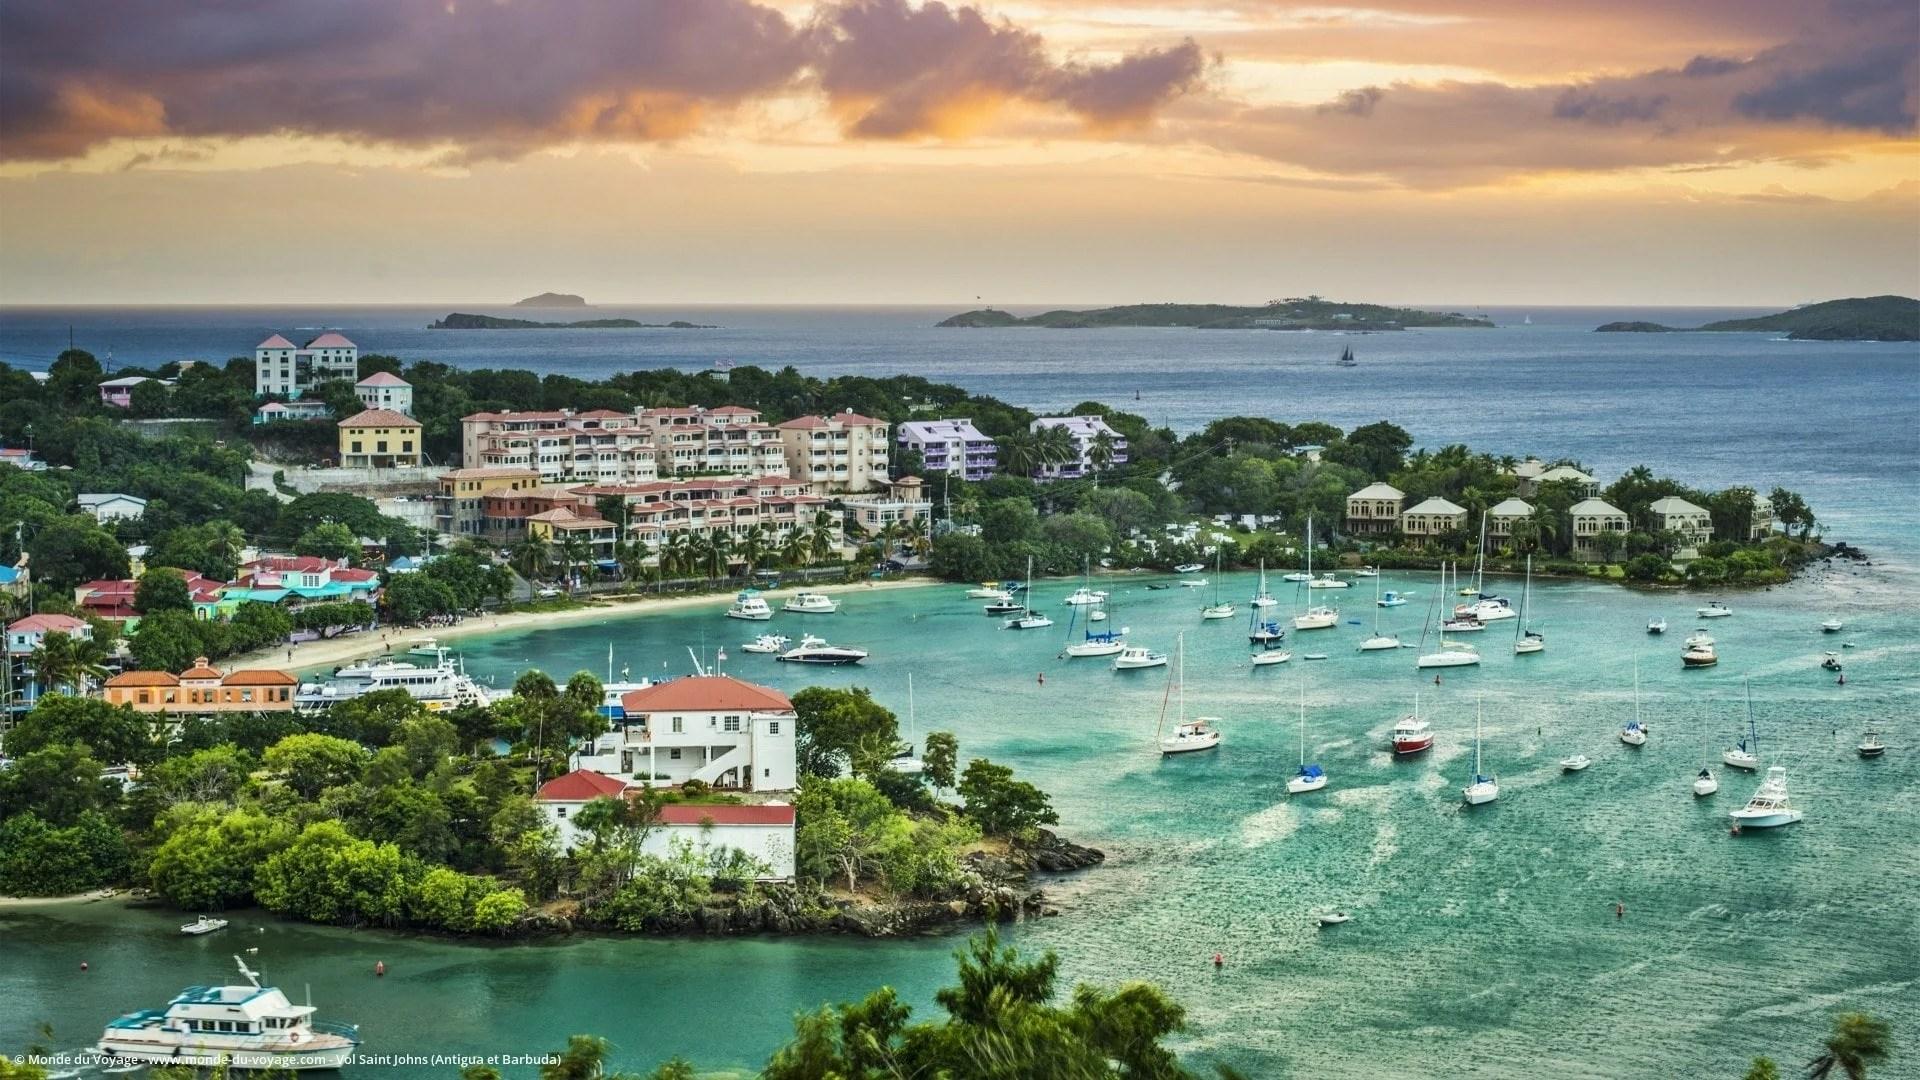 Antigua et Barbuda Royaume Uni Royaume Uni Monaco Bahamas Daniela DAUDE artiste Mobilier haut de gamme avec des pièces automobiles et de motos. Article sur 10 paradis fiscaux dans le monde dont 6 sont en Europe